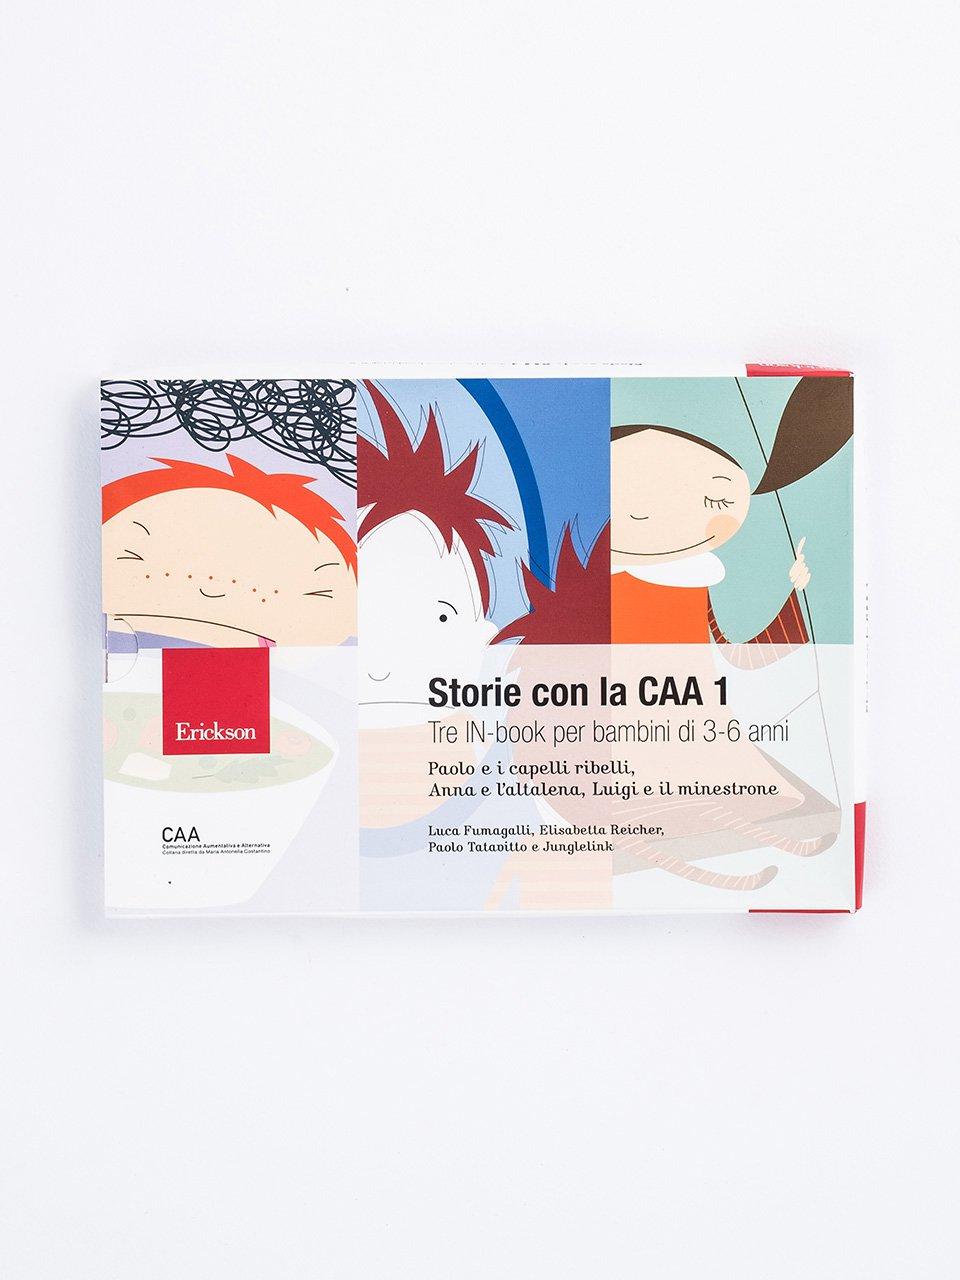 Storie con la CAA 1 - I Classici con la CAA - Pinocchio - Libri - Erickson